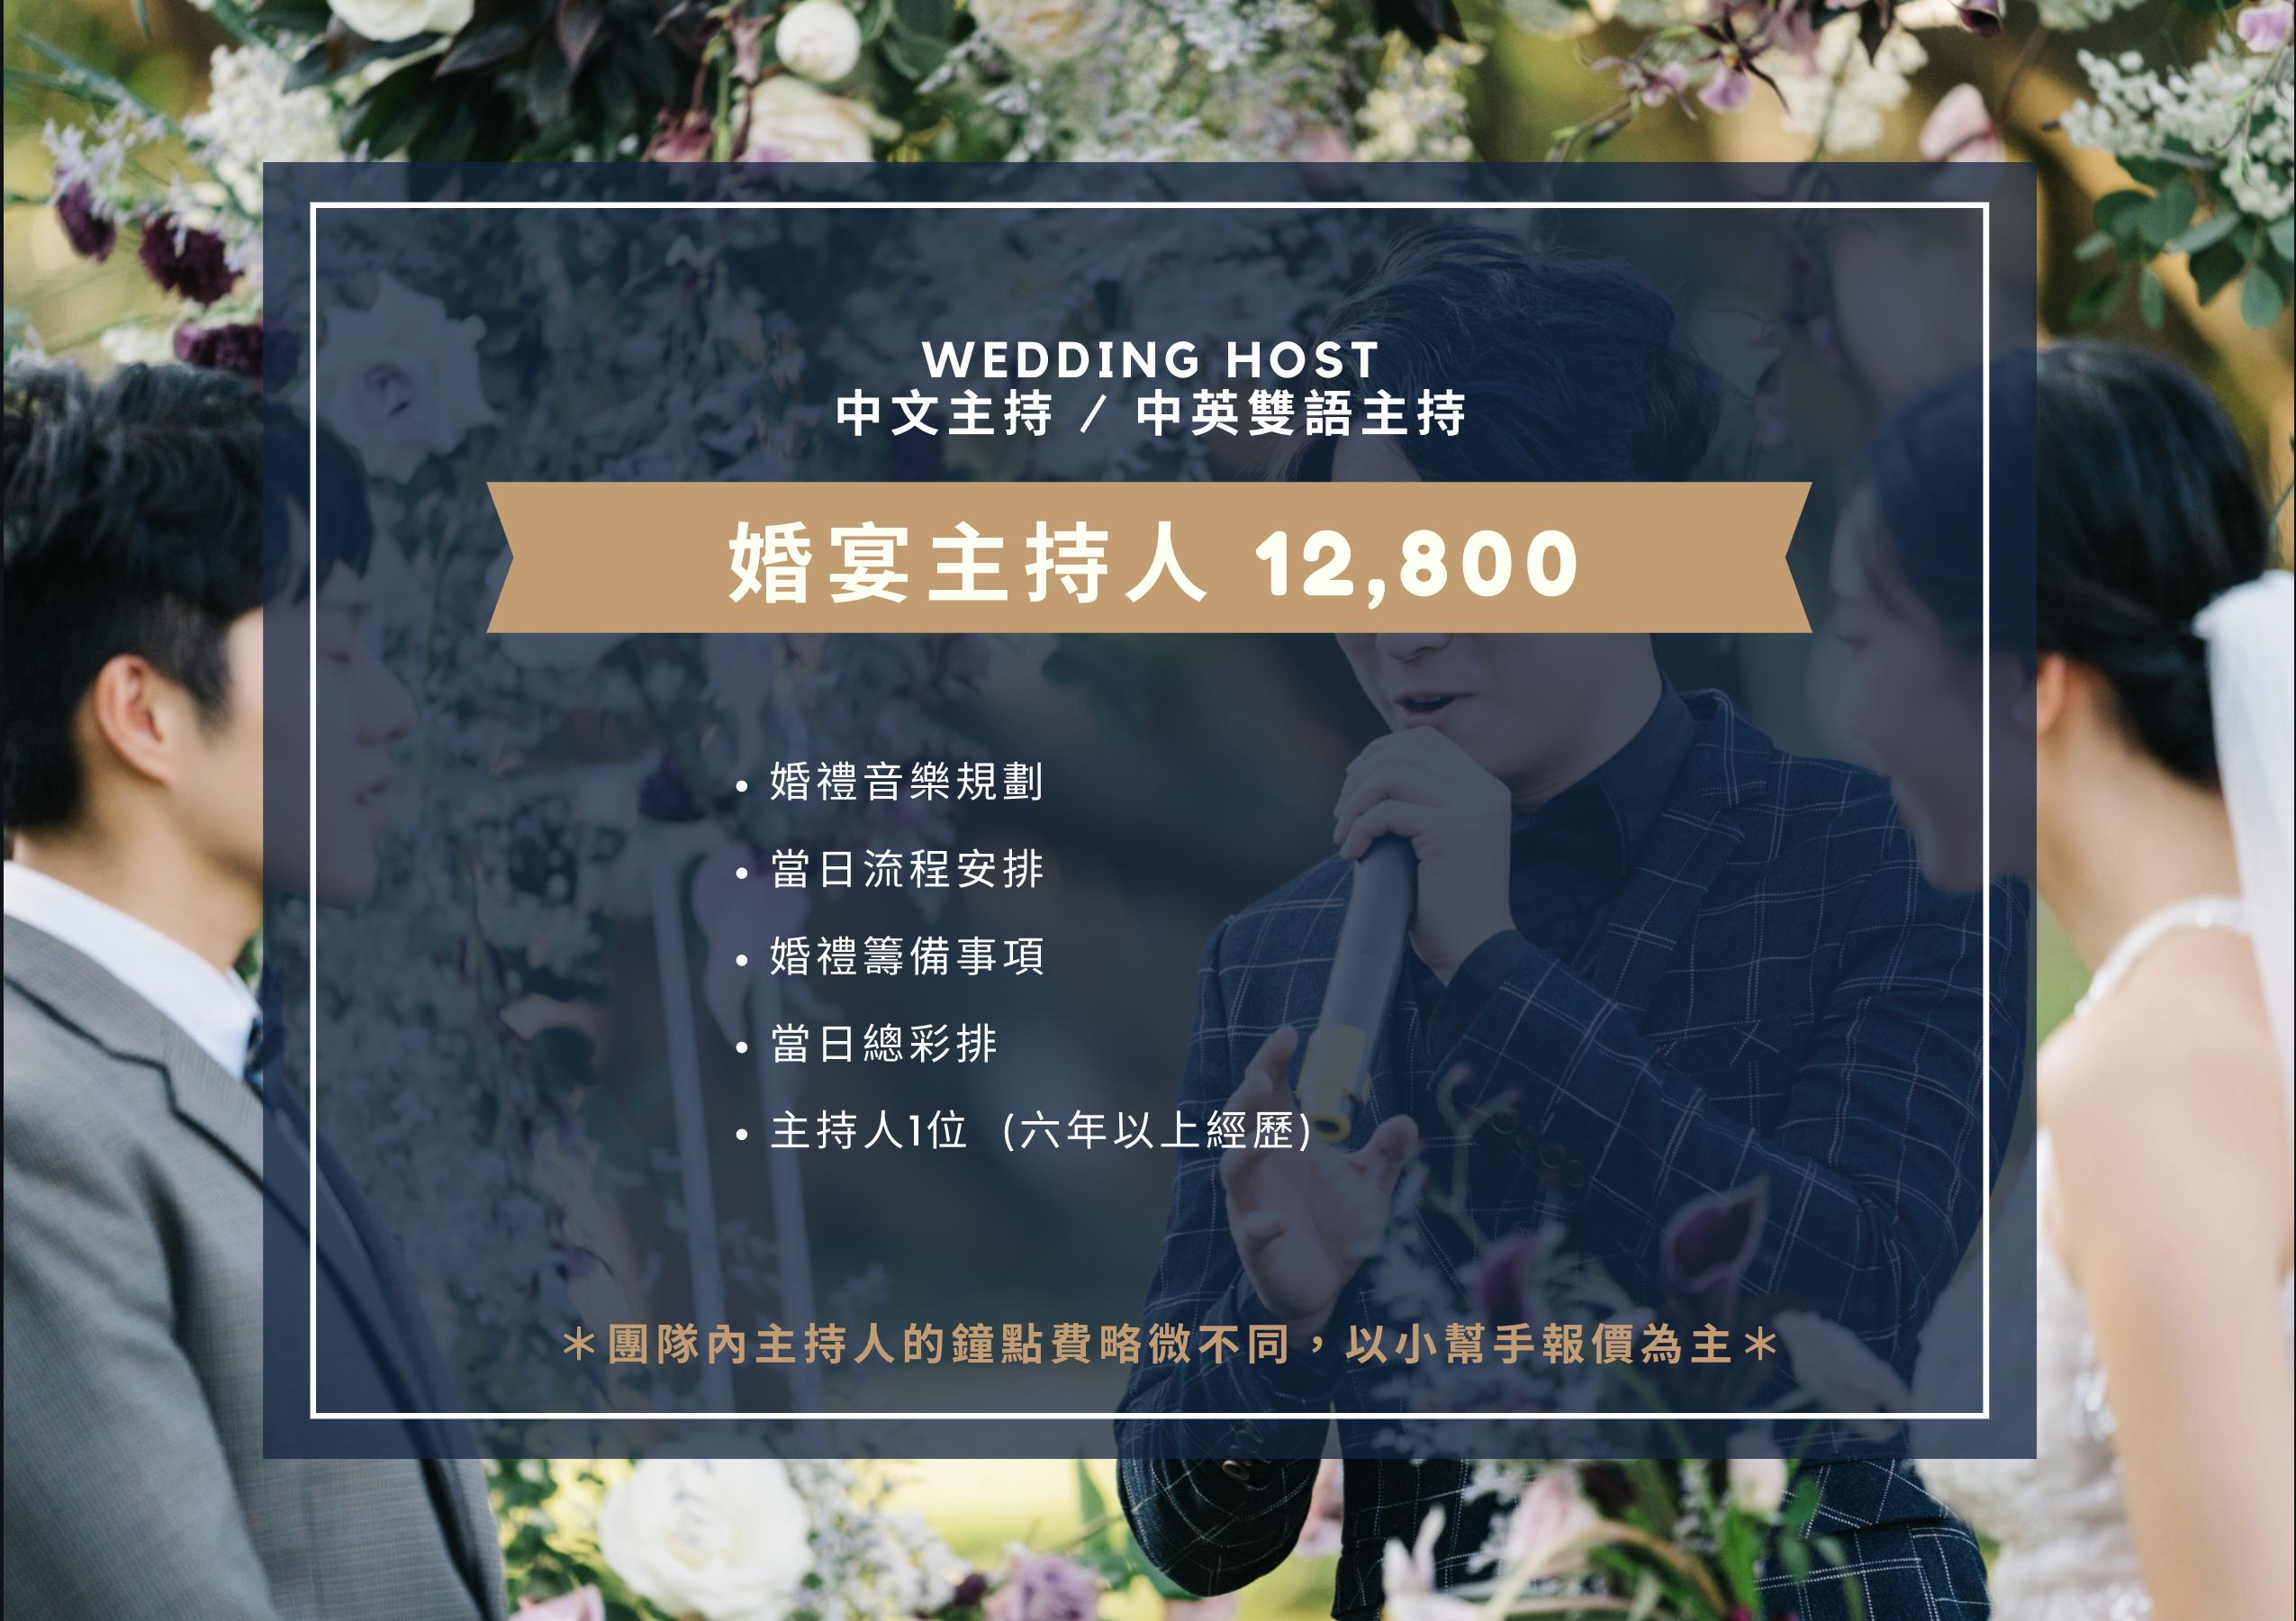 主持人 方案 價錢 婚禮